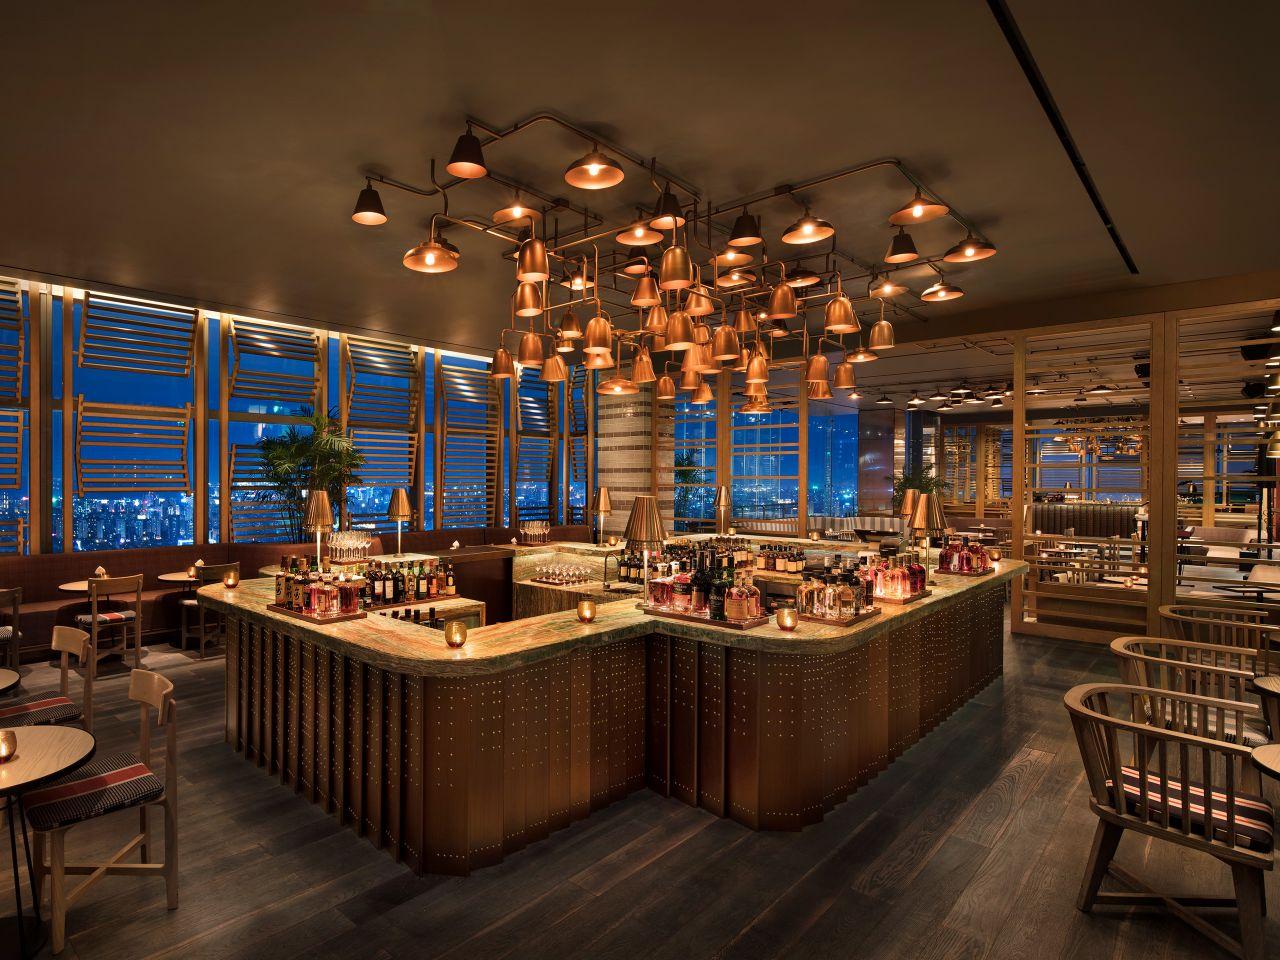 The Dining Room Park Hyatt Menu